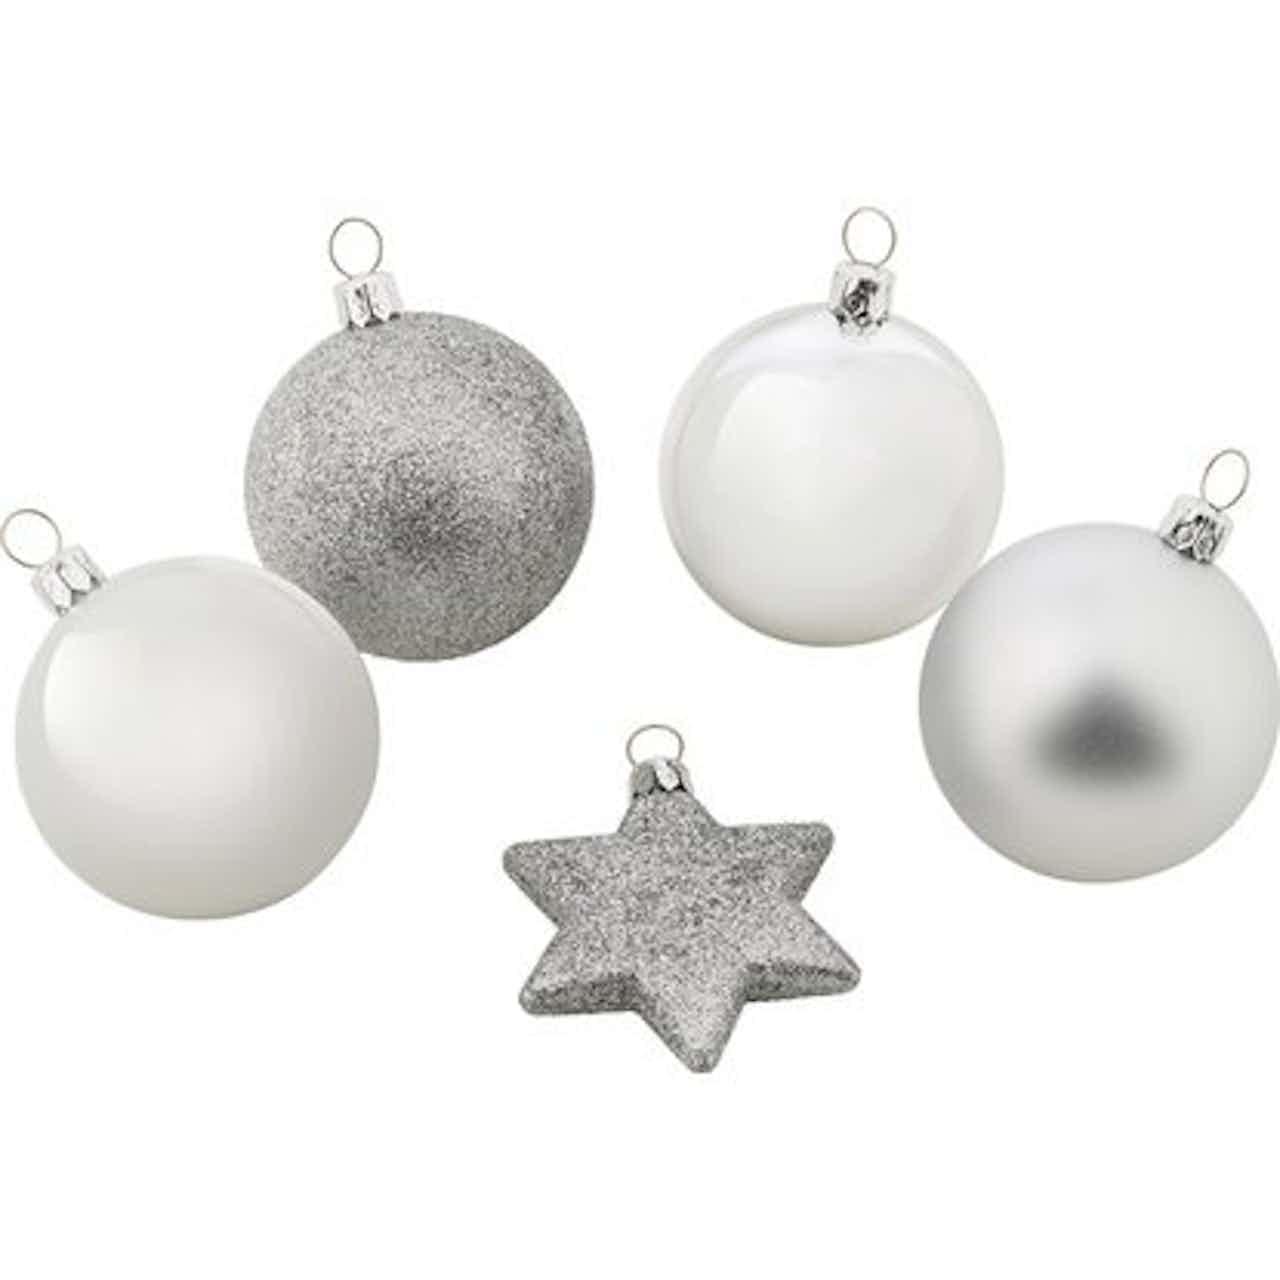 Sada vánočních koulí stříbrná, 50 ks